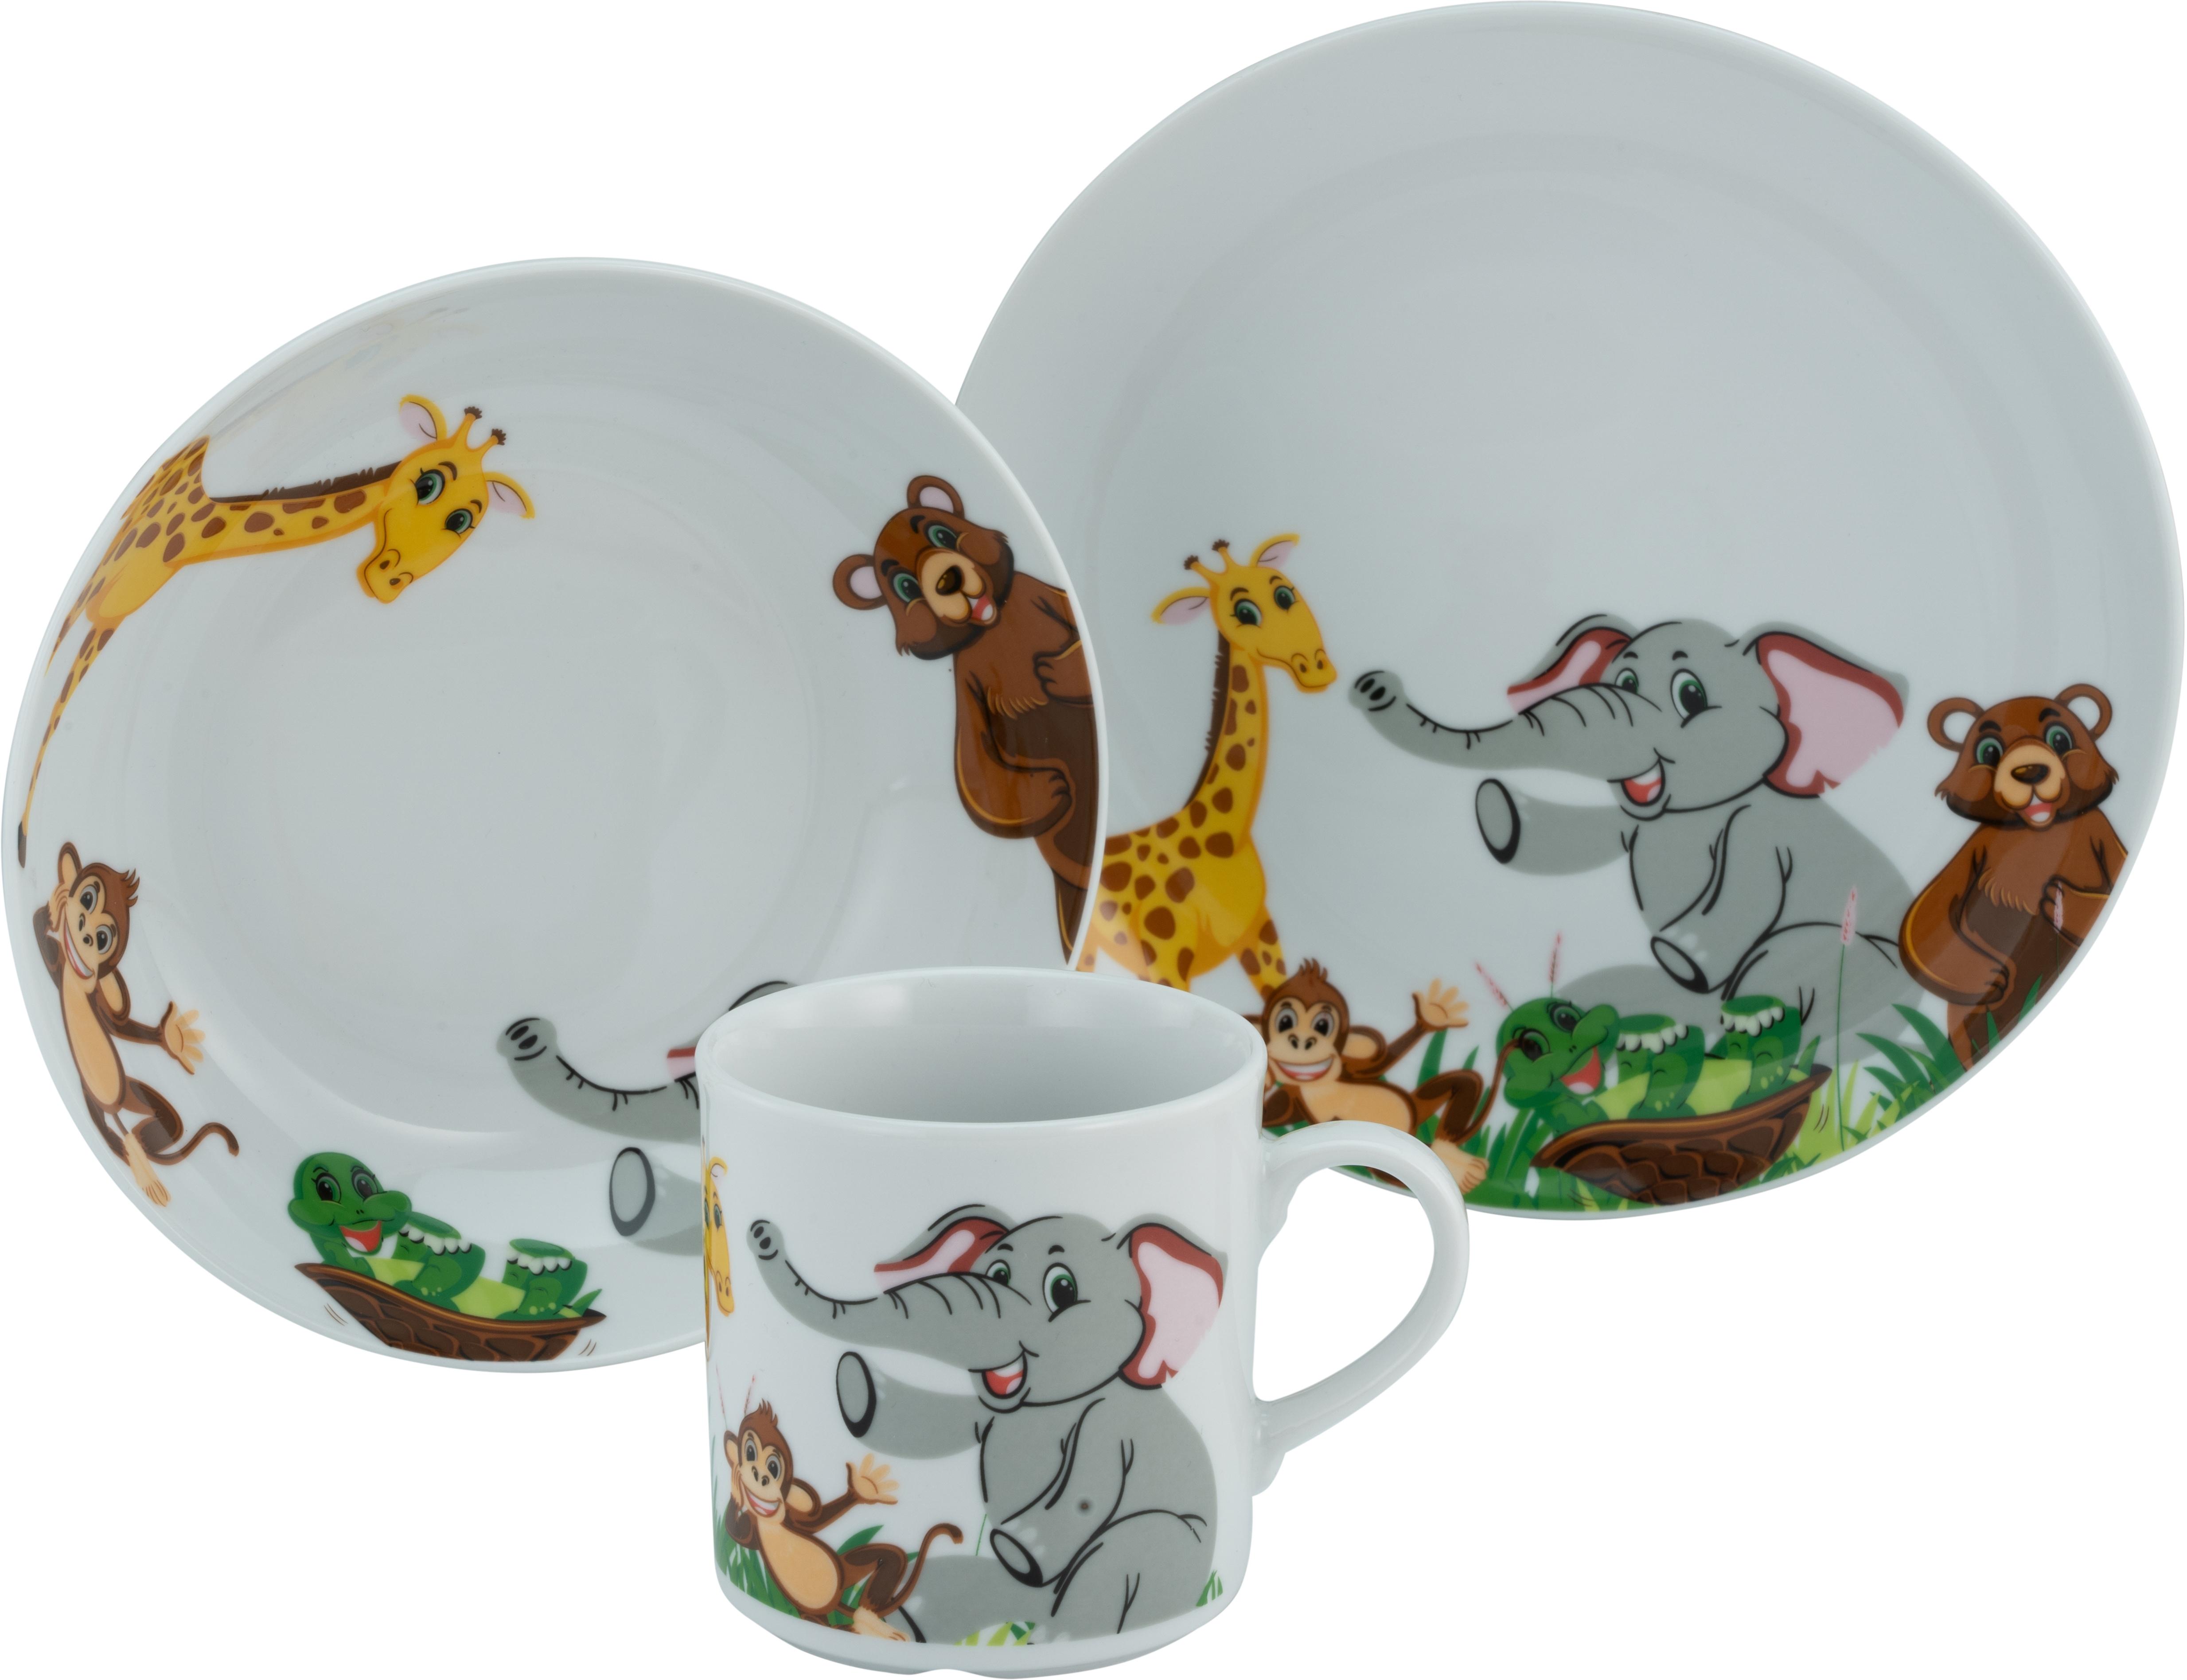 CreaTable Kindergeschirr-Set Zoo, (Set, 3 tlg.), Dekor mit lustigen Zoobewohnern bunt Kinder Kindergeschirr Geschirr, Porzellan Tischaccessoires Haushaltswaren